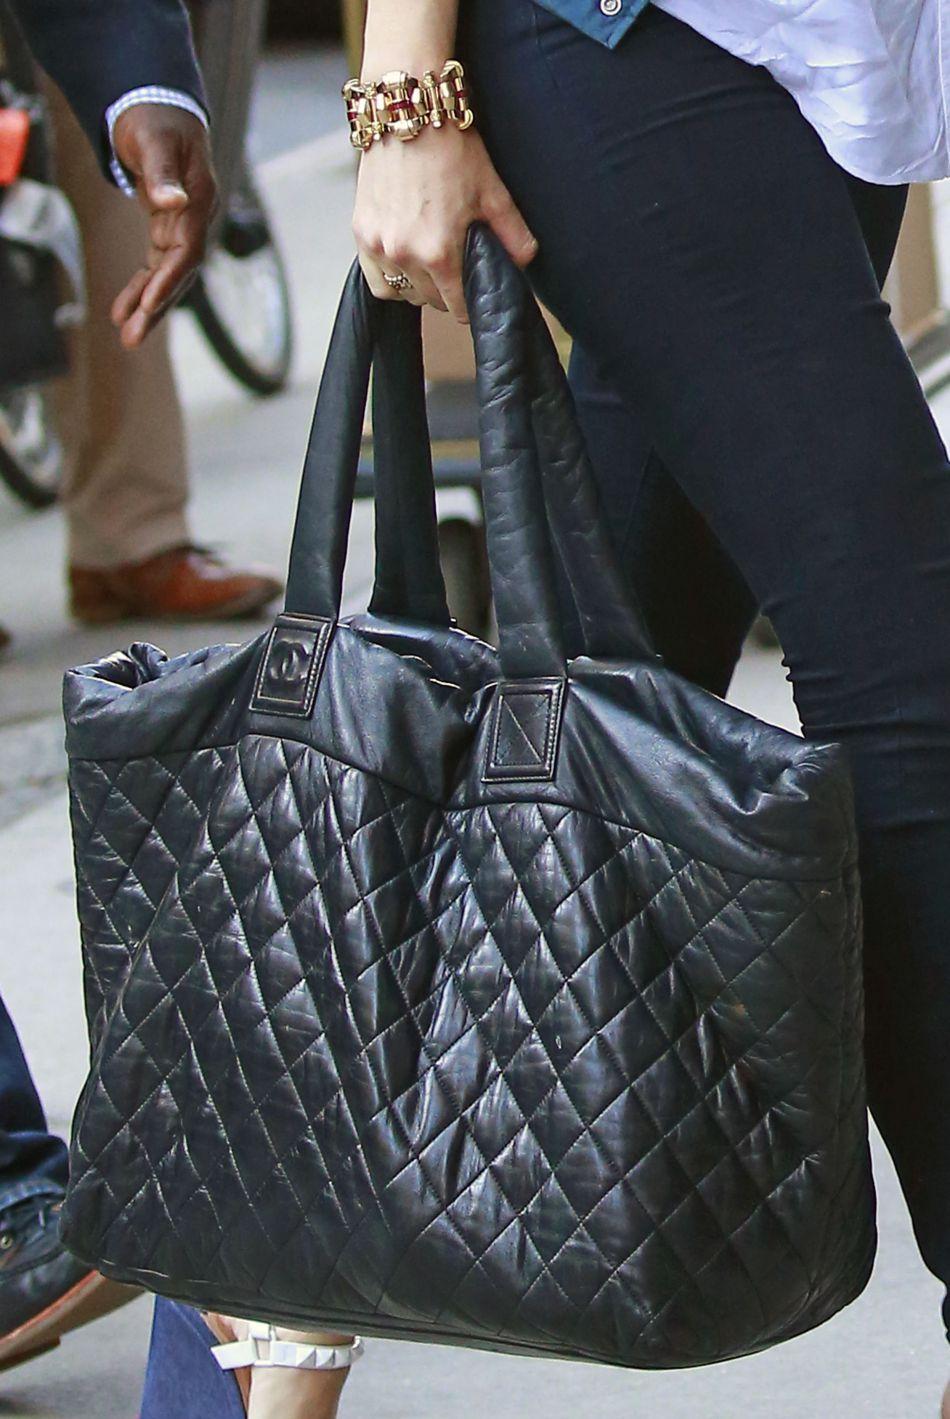 Elle a accessoirisé son look d'un caba signé Chanel, marque de prédilection pour la jeune femme.